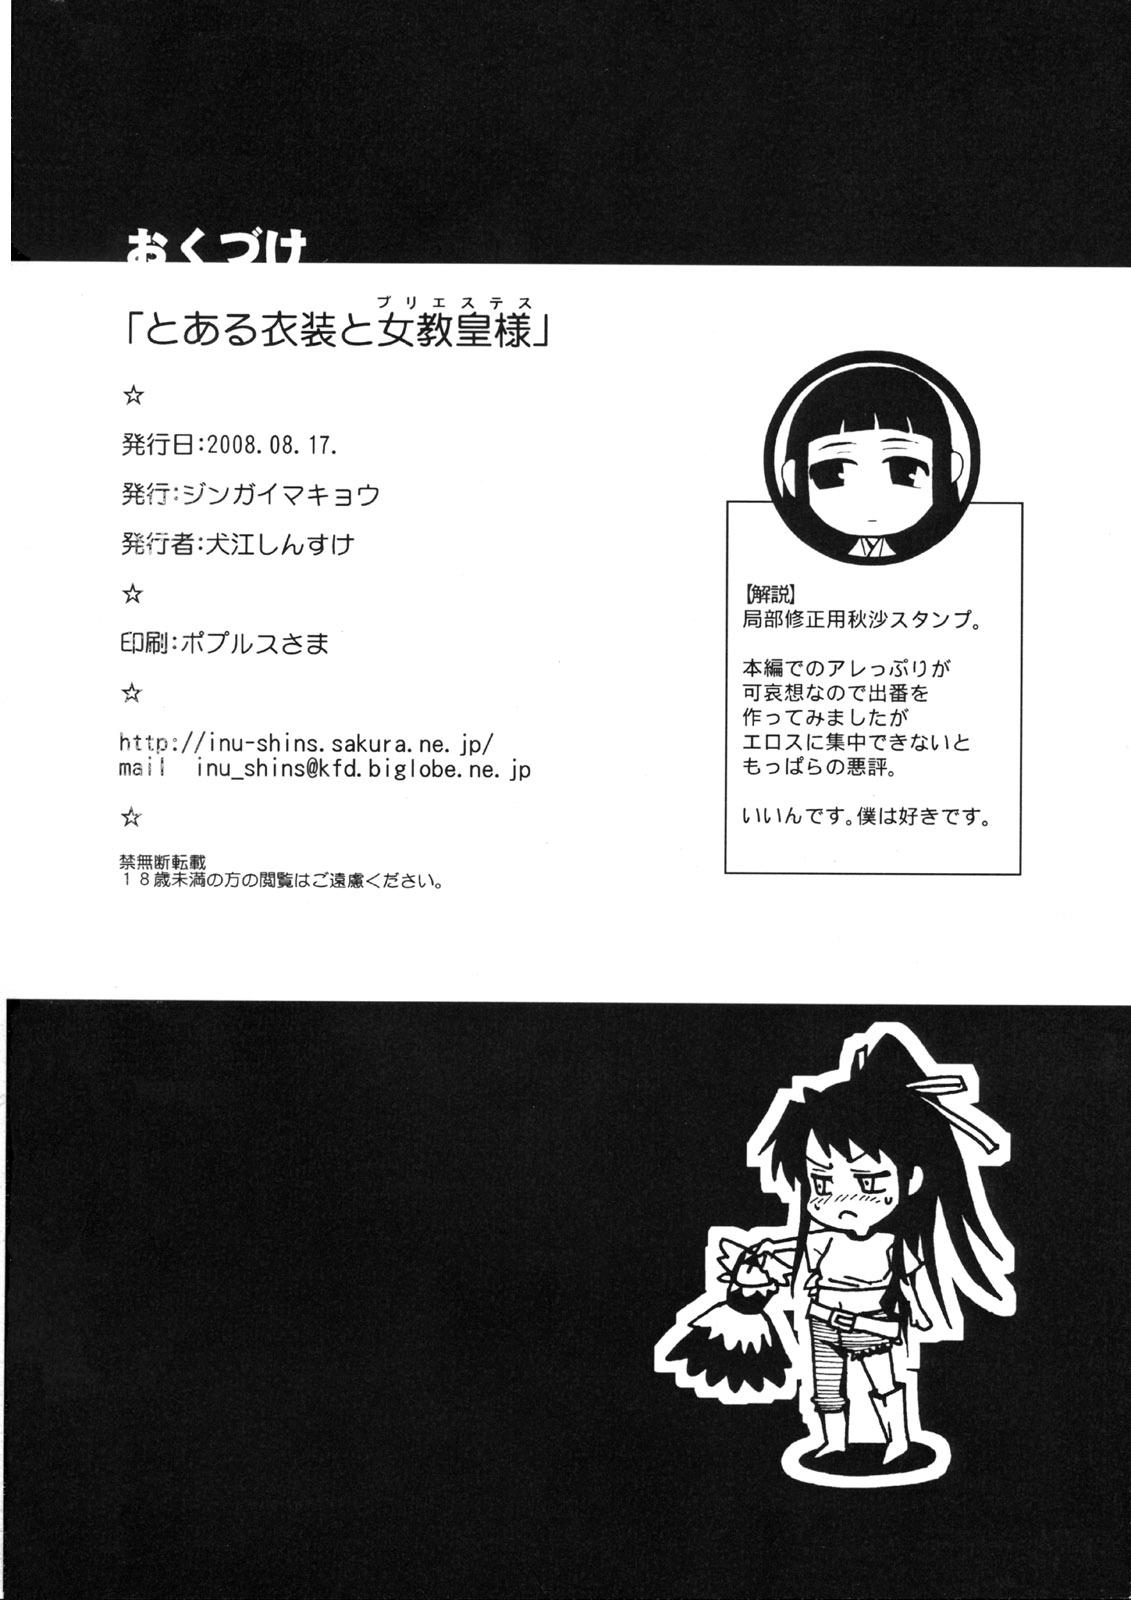 shoukan (uncensored) majutsu dorei no to isekai shoujo maou Breath of the wild yaoi